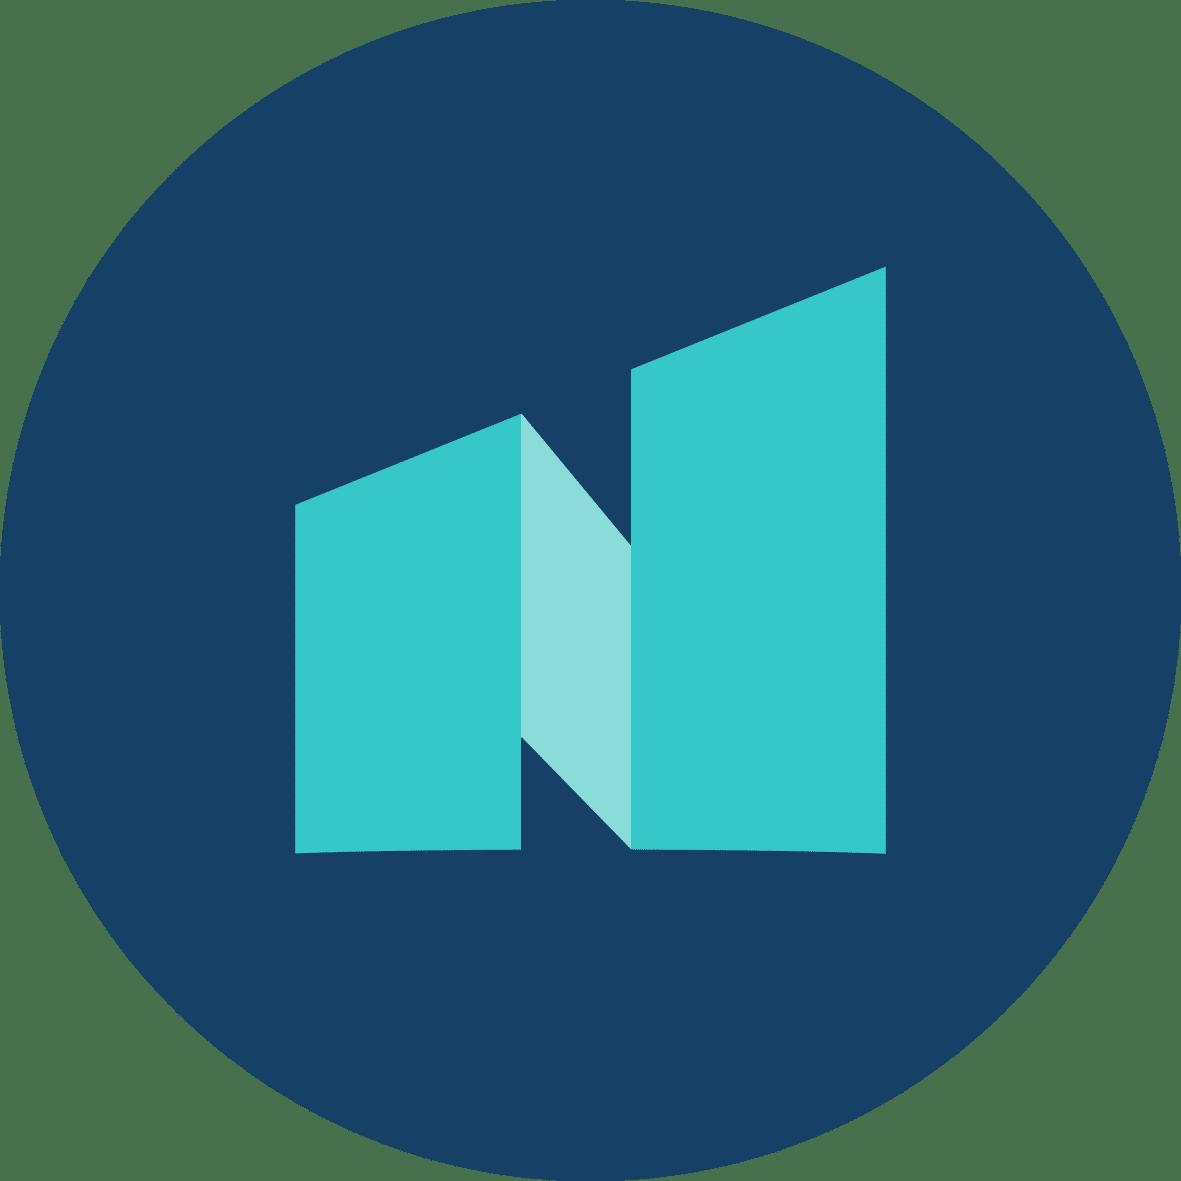 Netigate logo, öka svarsfrekvensen med väldesignade enkätmallar